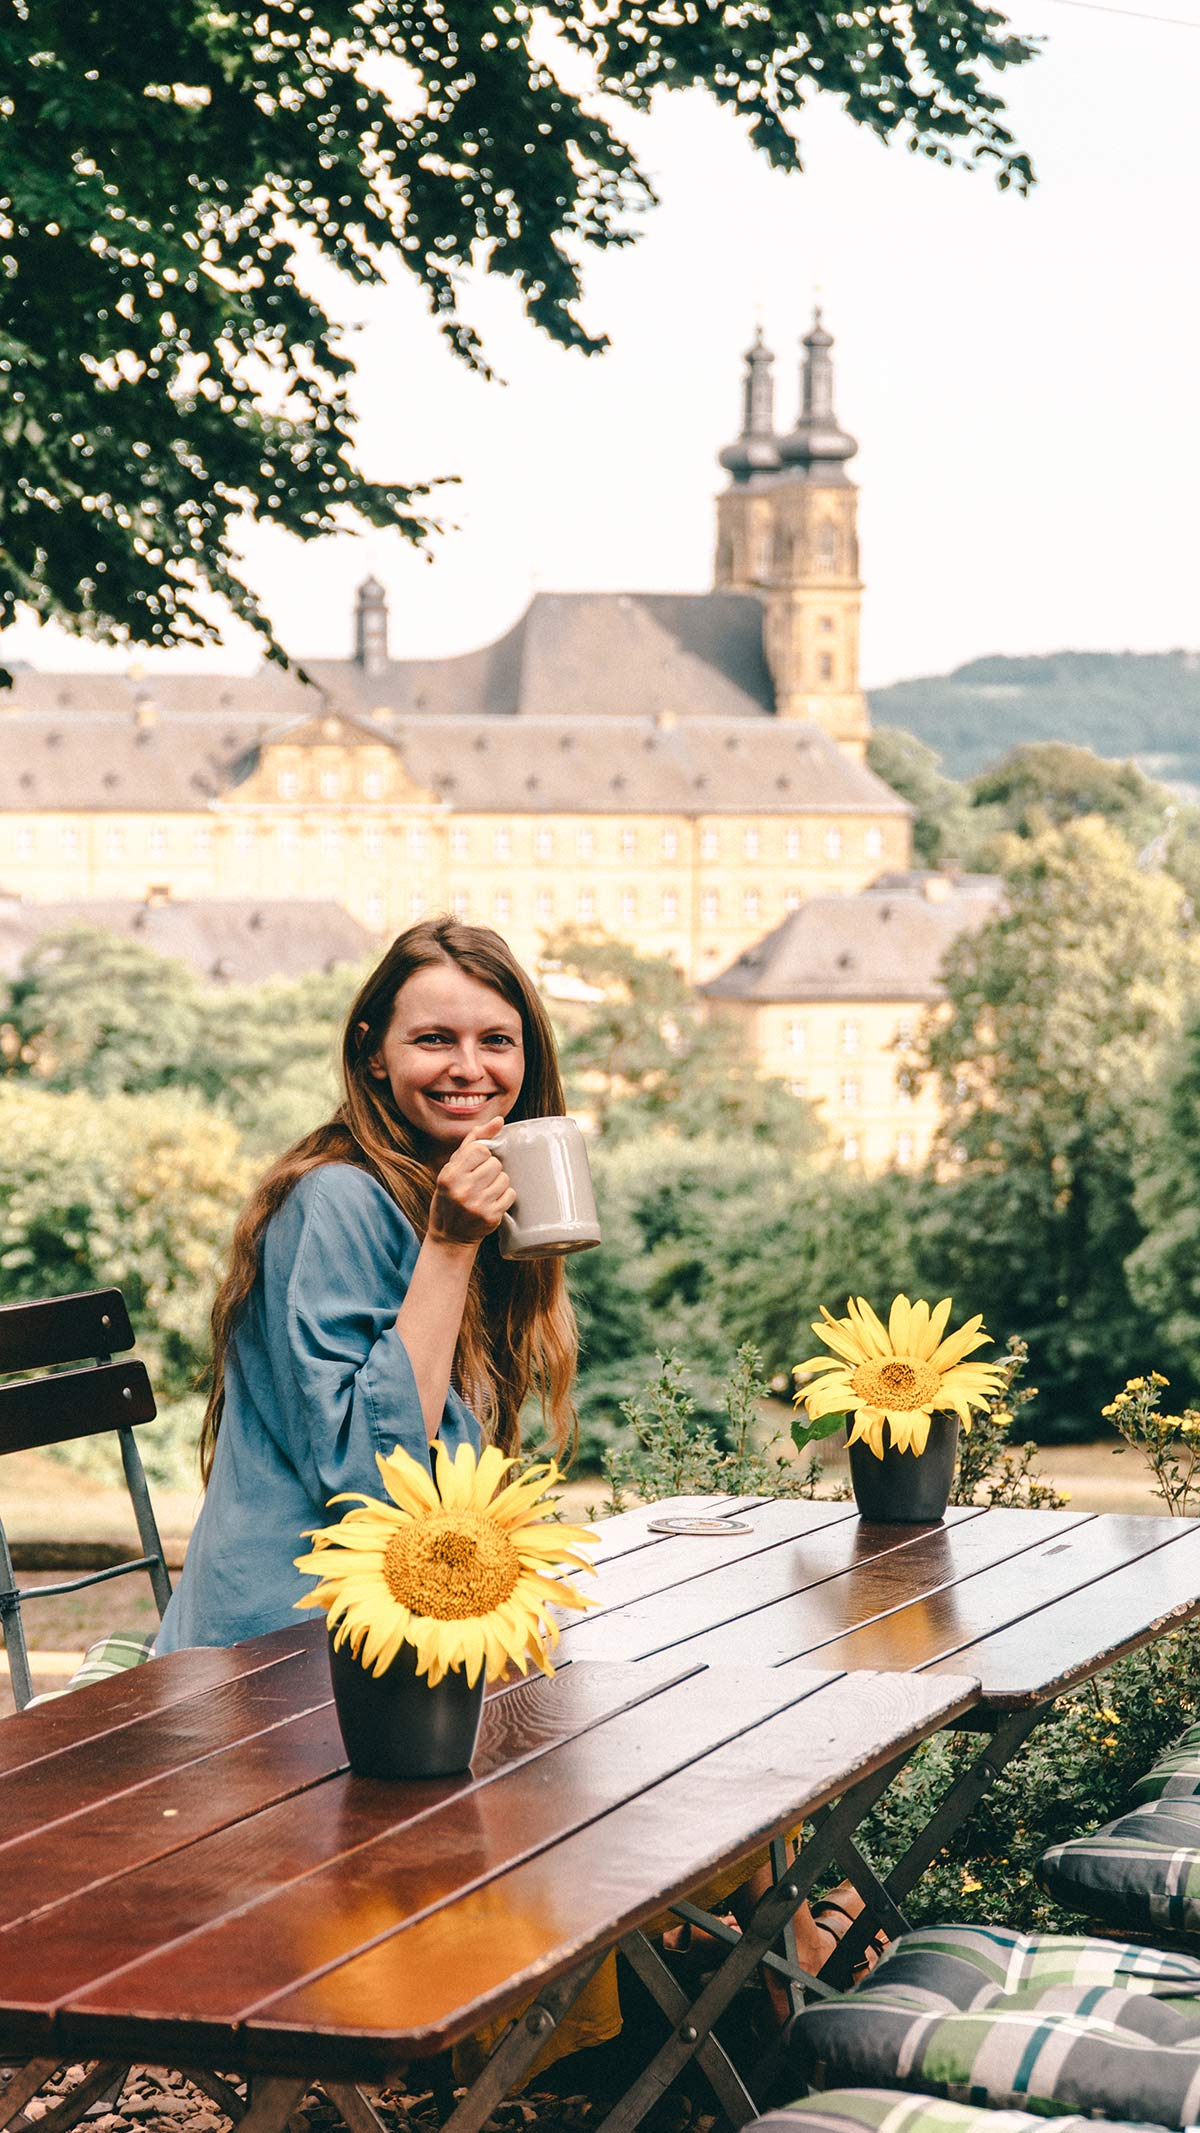 Kloster Banz Christine Bad Staffelstein Ausflugsziele